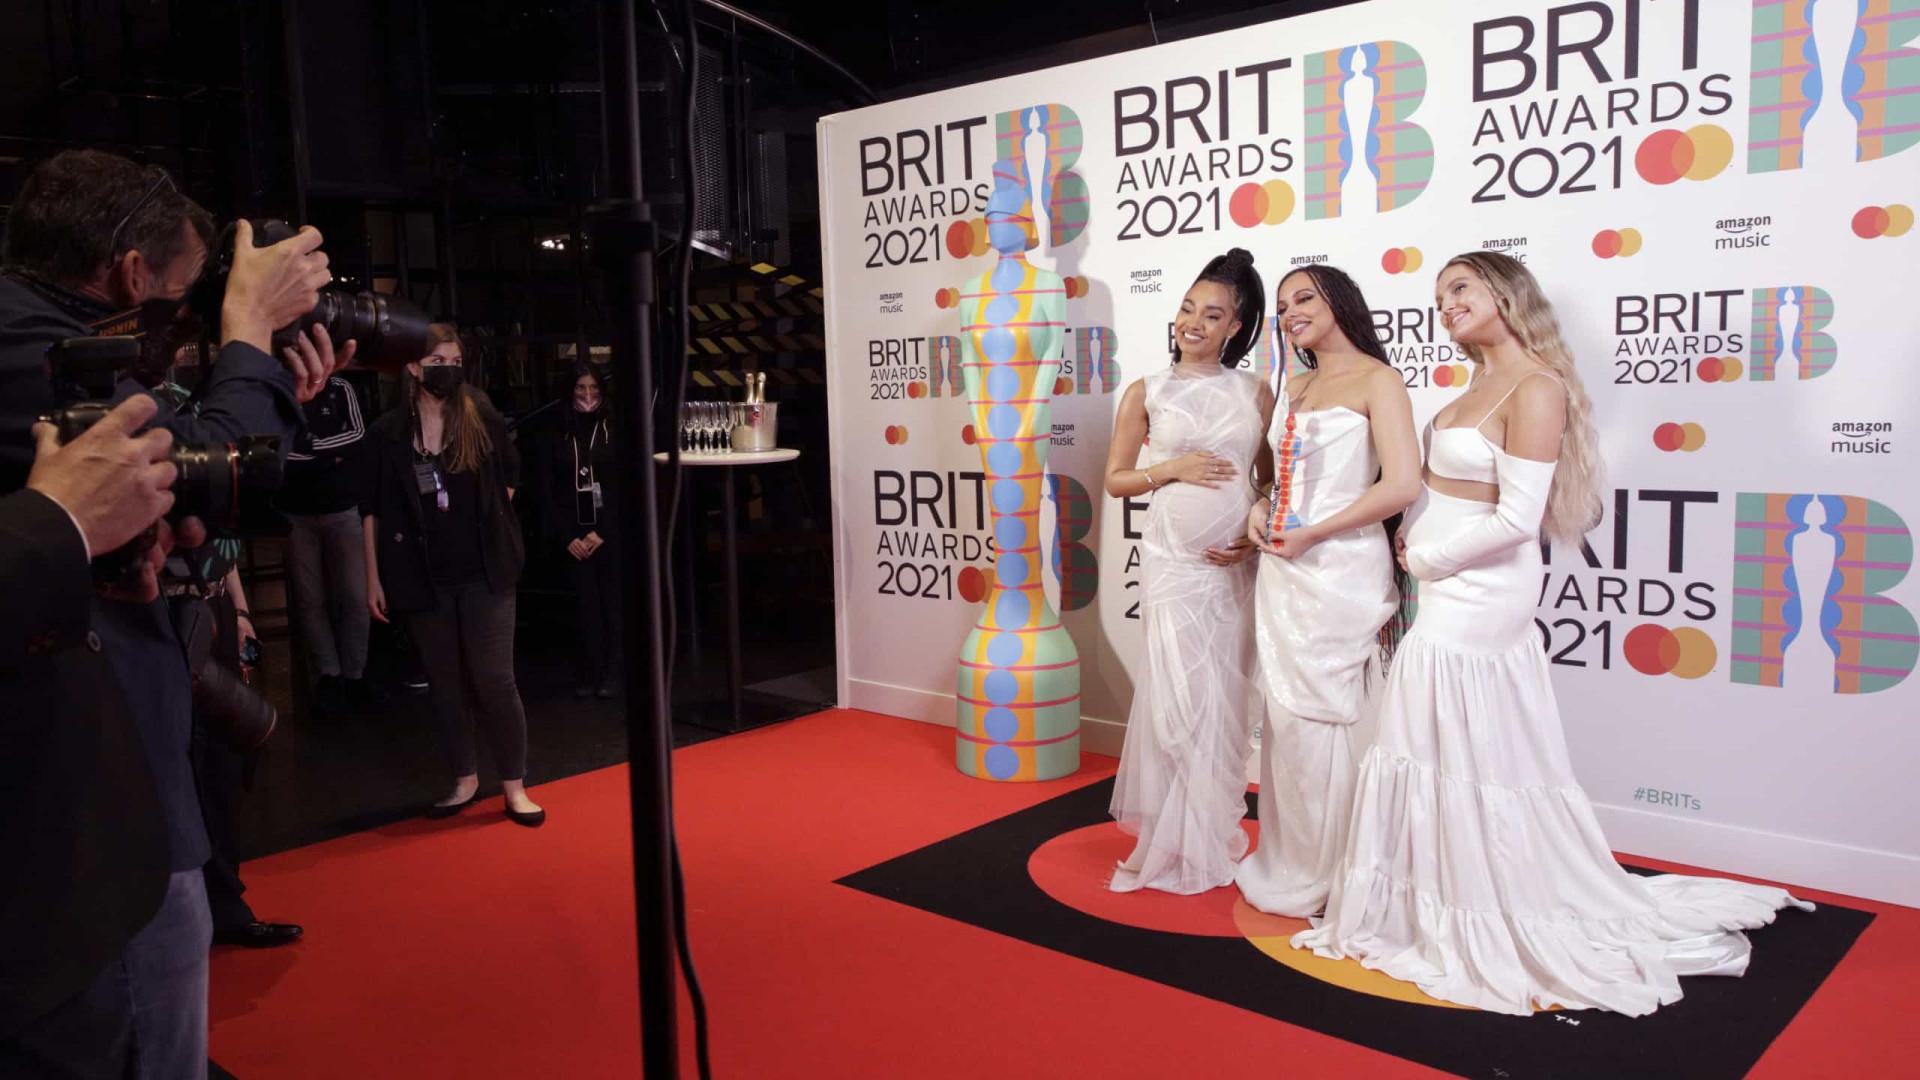 Look da Semana: Little Mix na red carpet com barriguinhas a dobrar